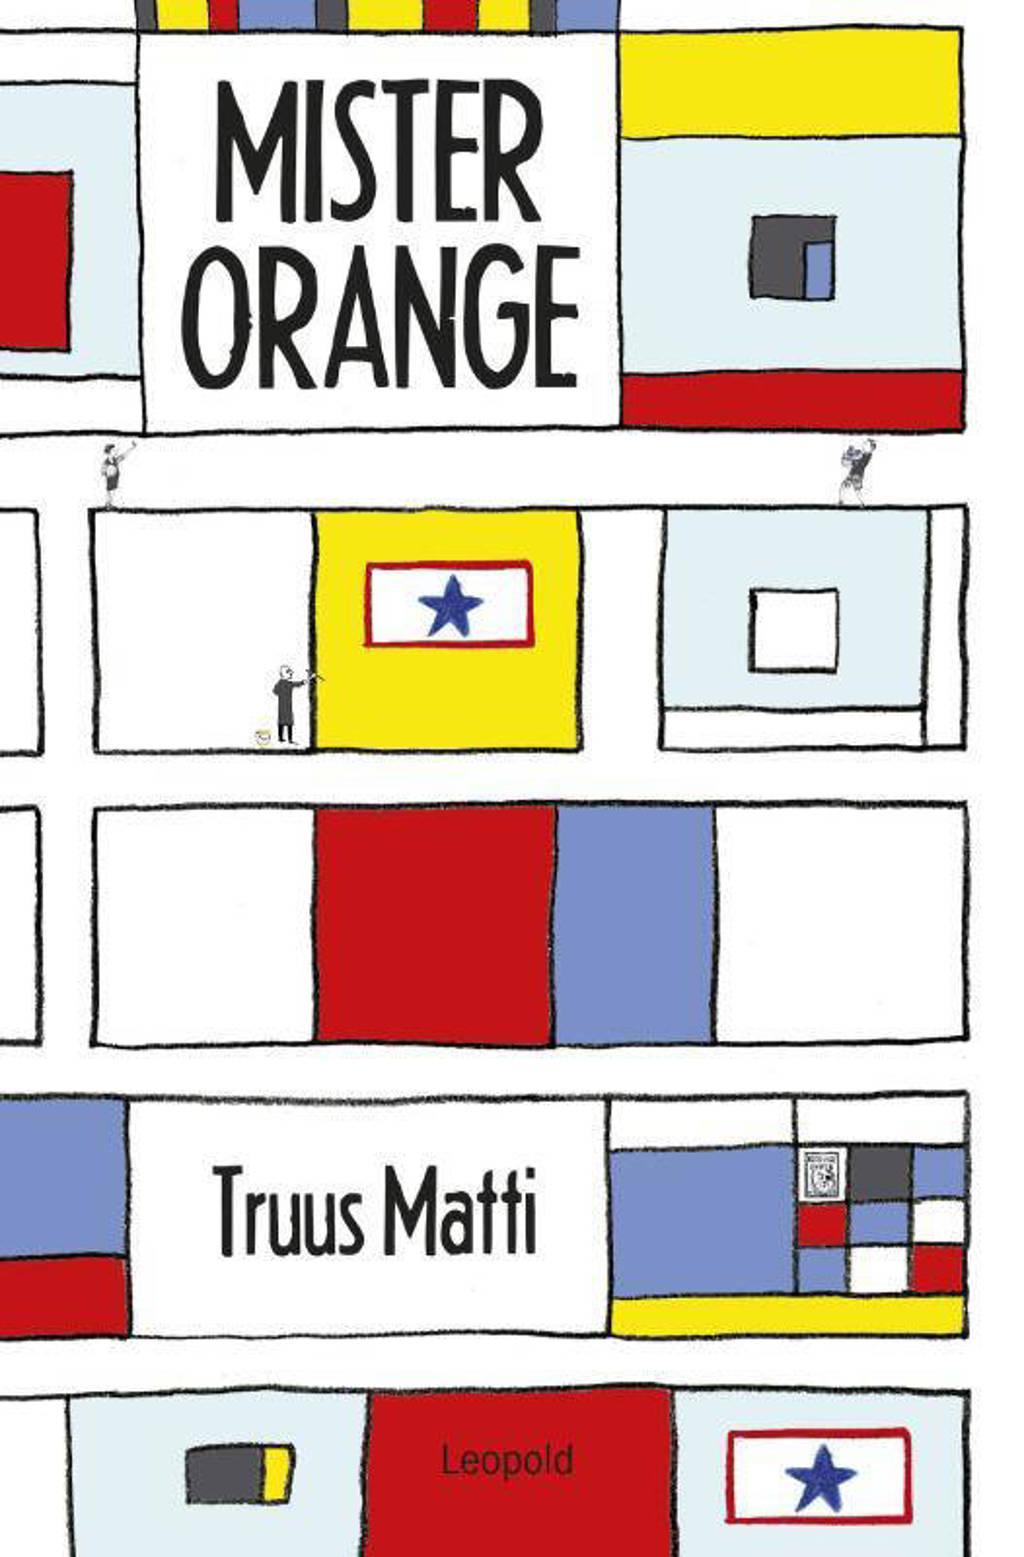 Mister Orange - Truus Matti